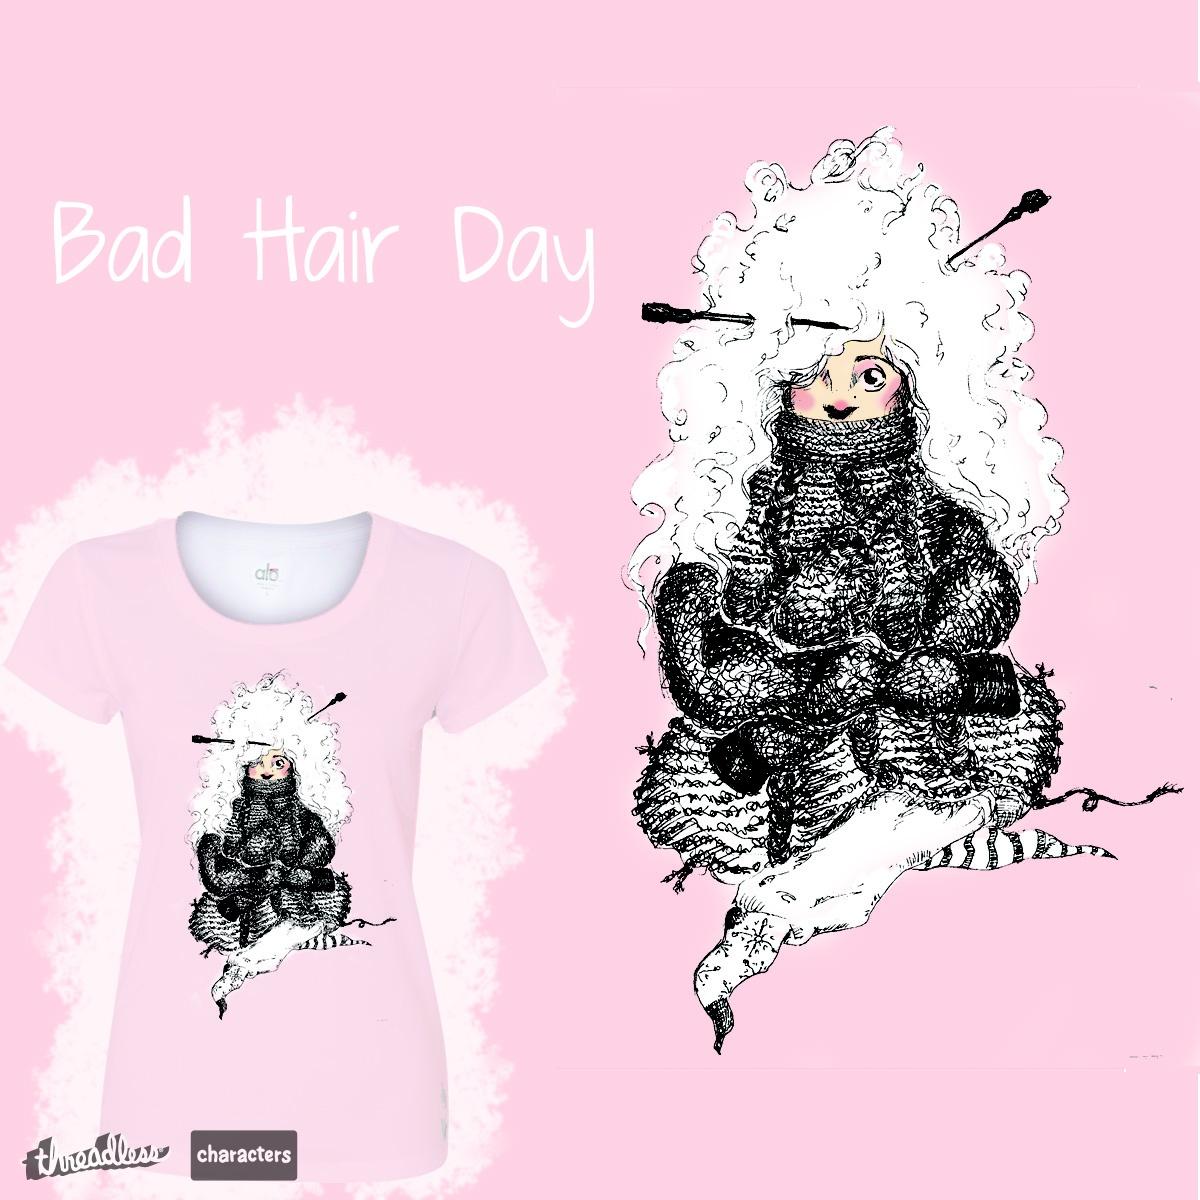 Bad Hair Day by elvmurray on Threadless